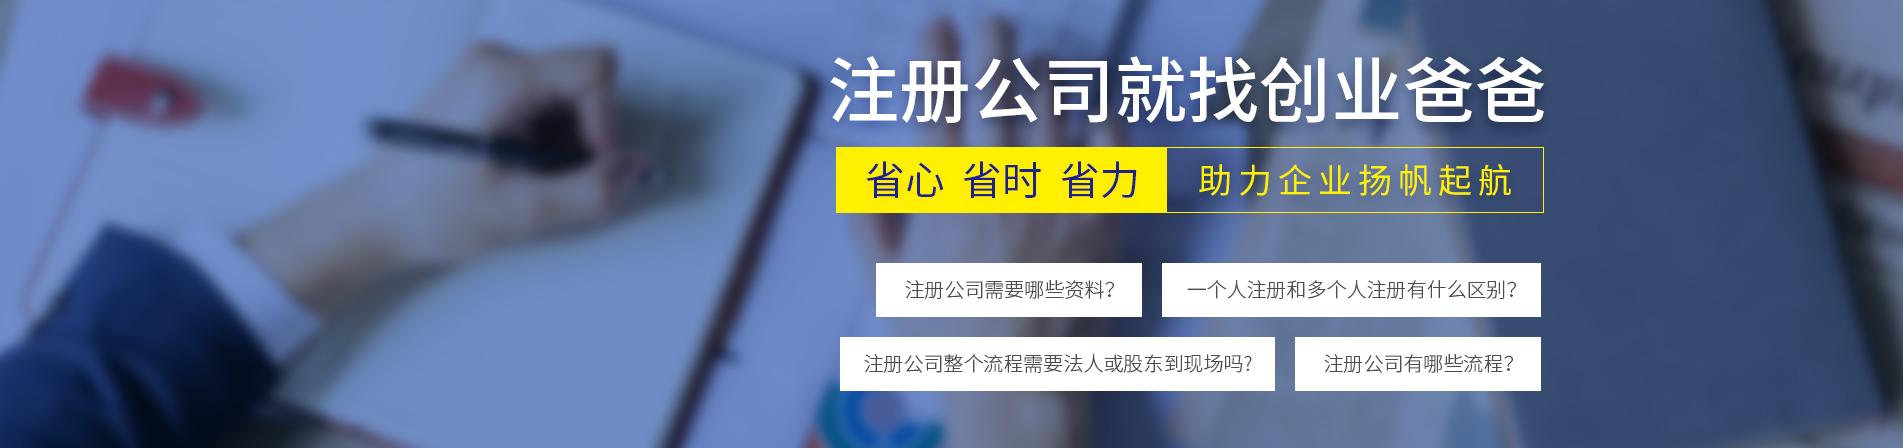 广州注册公司